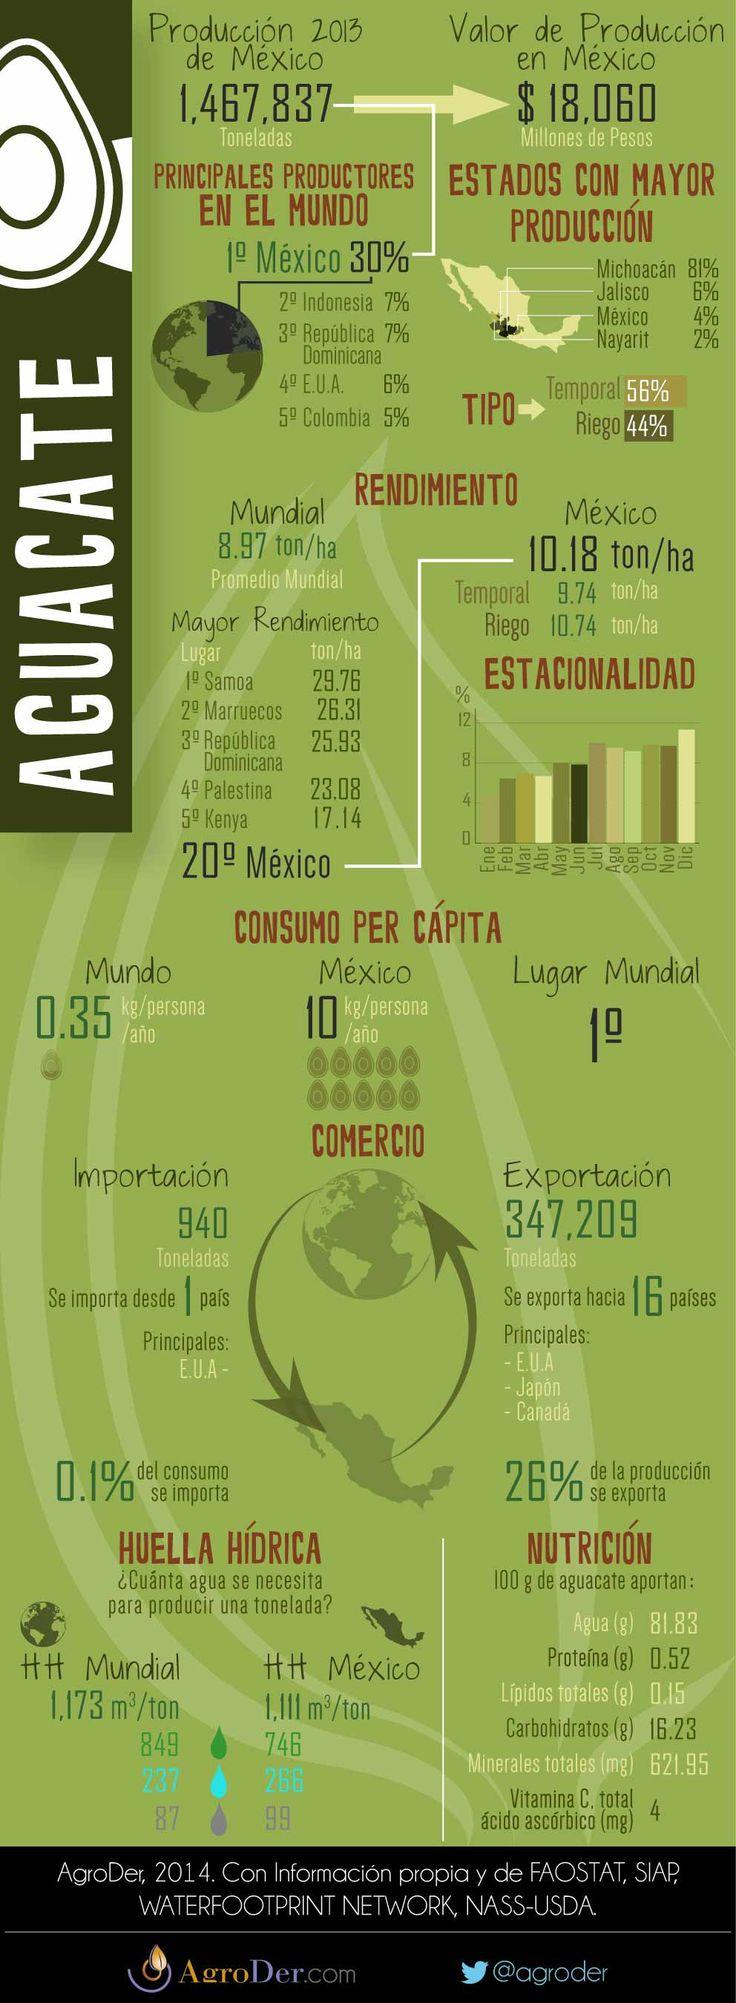 Infografía - Aguacate en México, 2013.